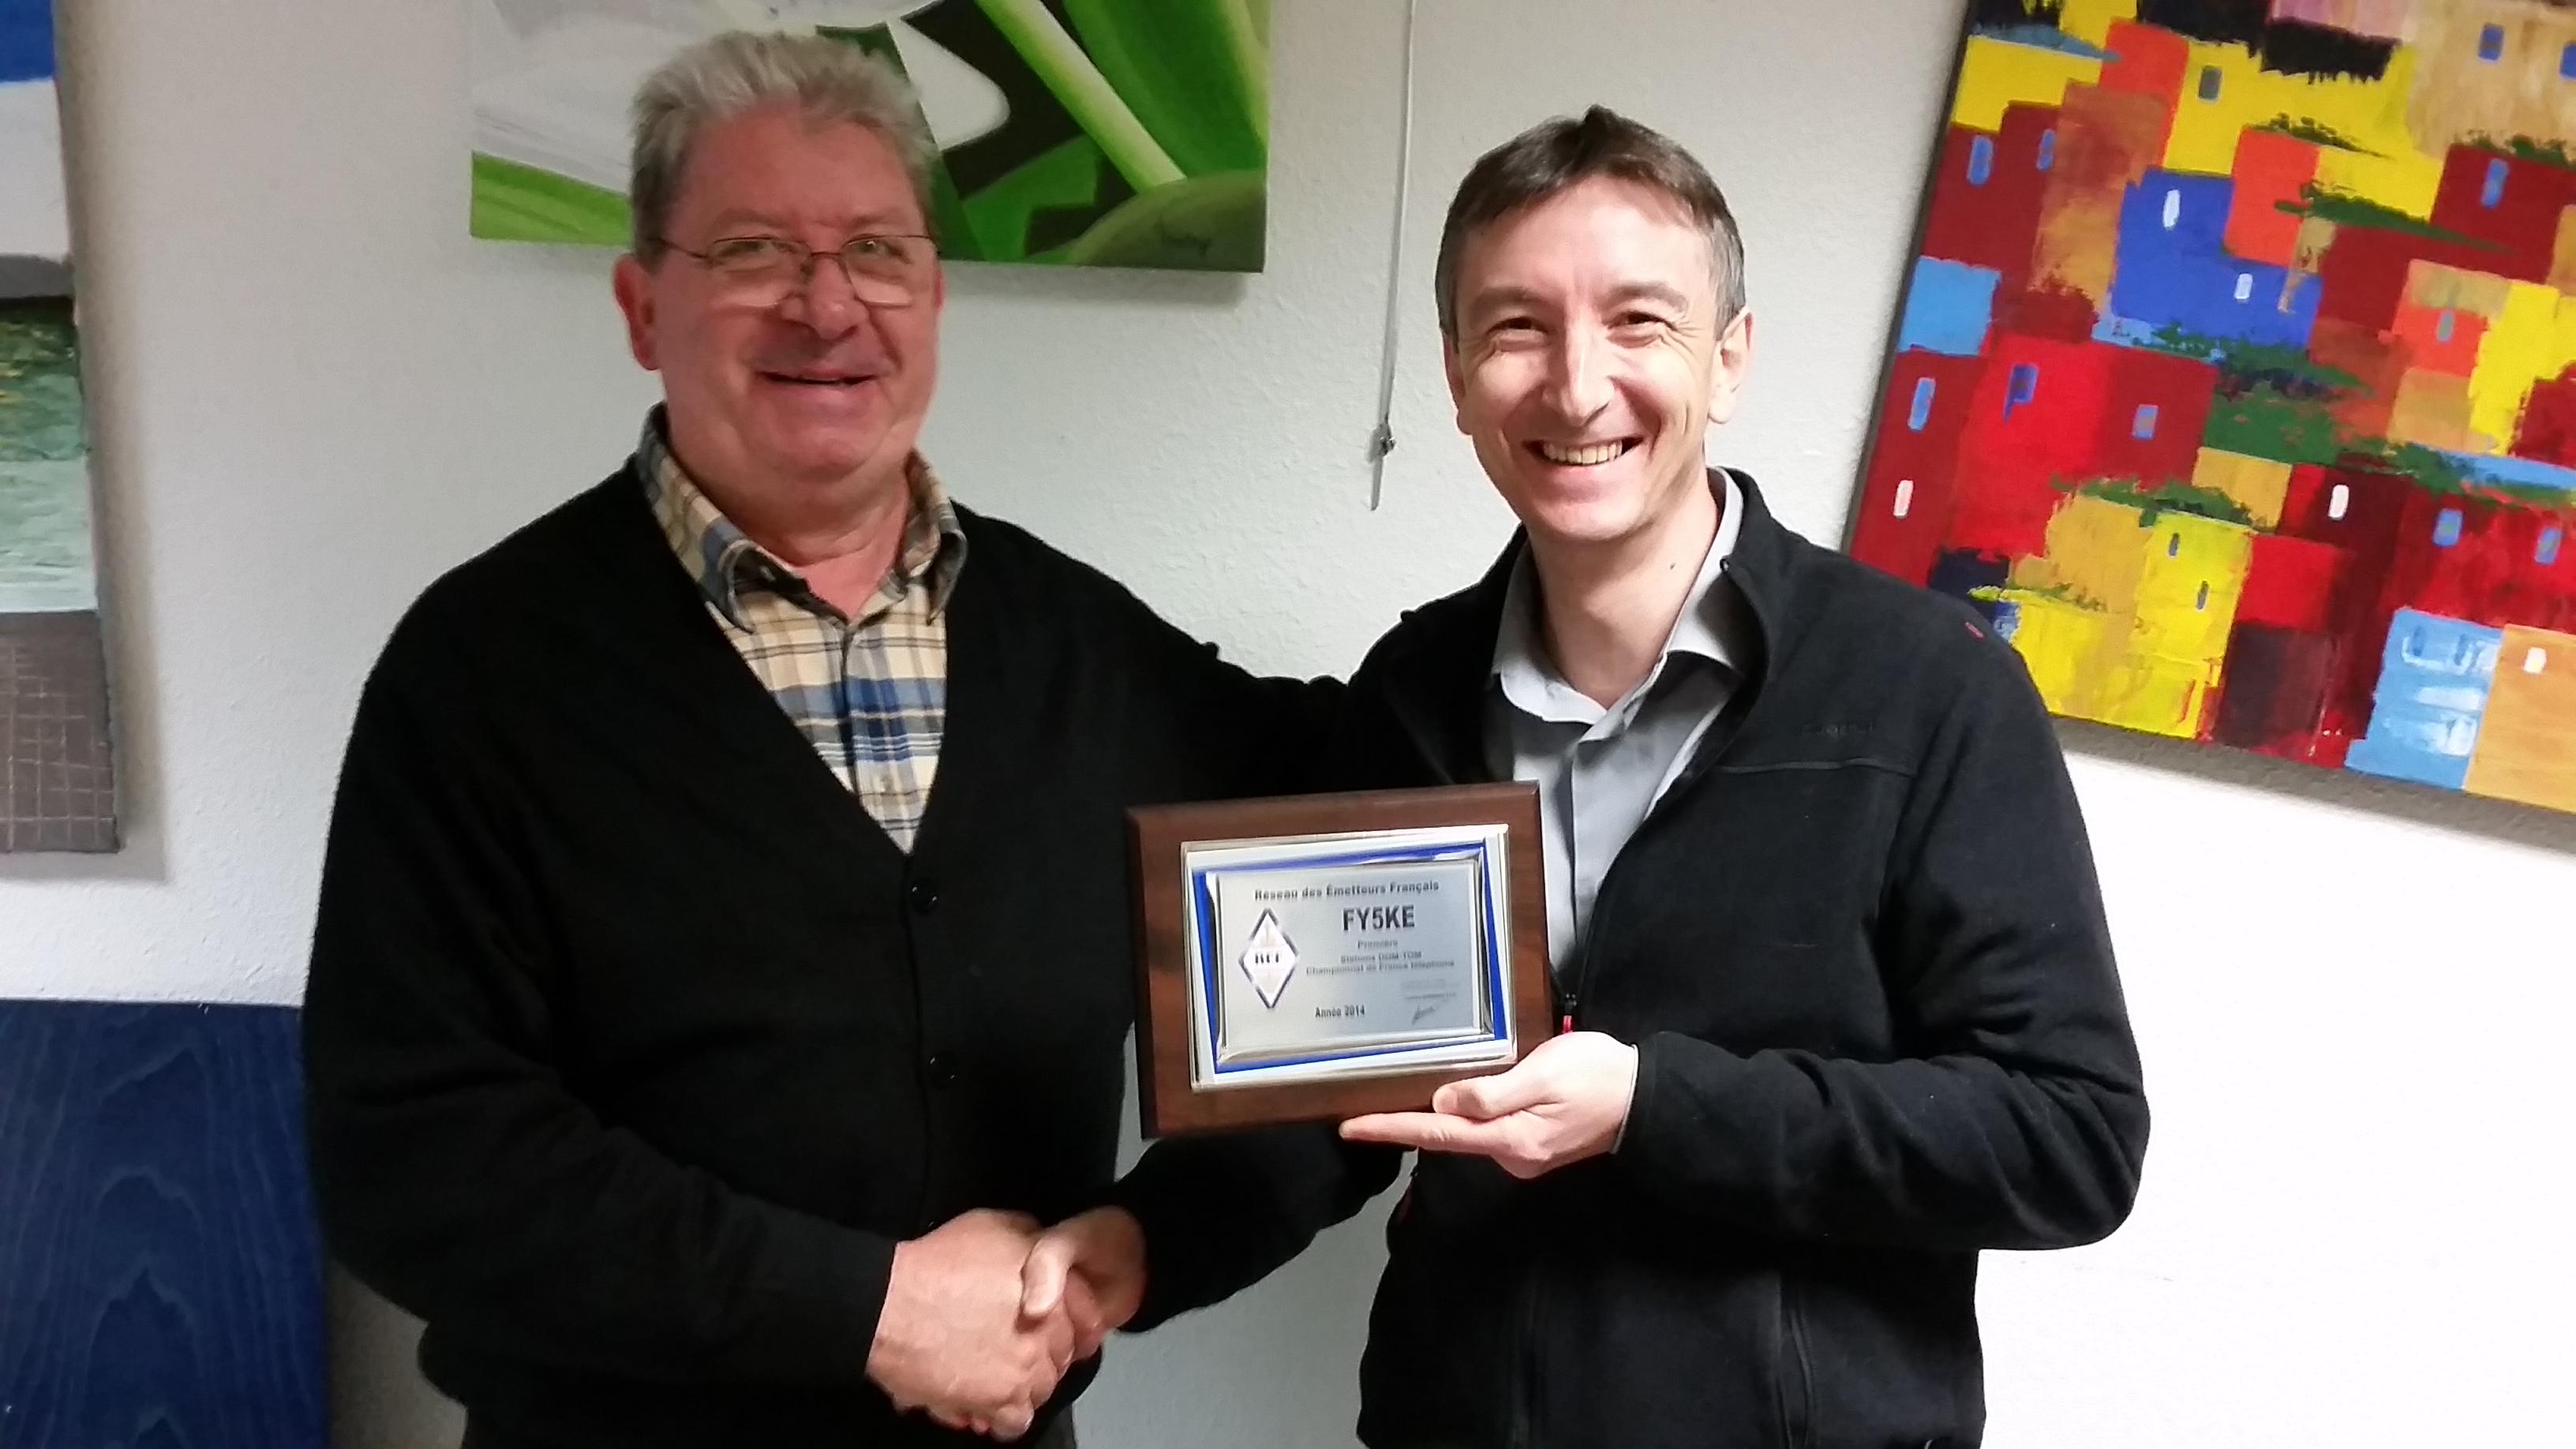 Jean-Pierre F5AHO remet le prix à F5UII pour la première place de FY5KE